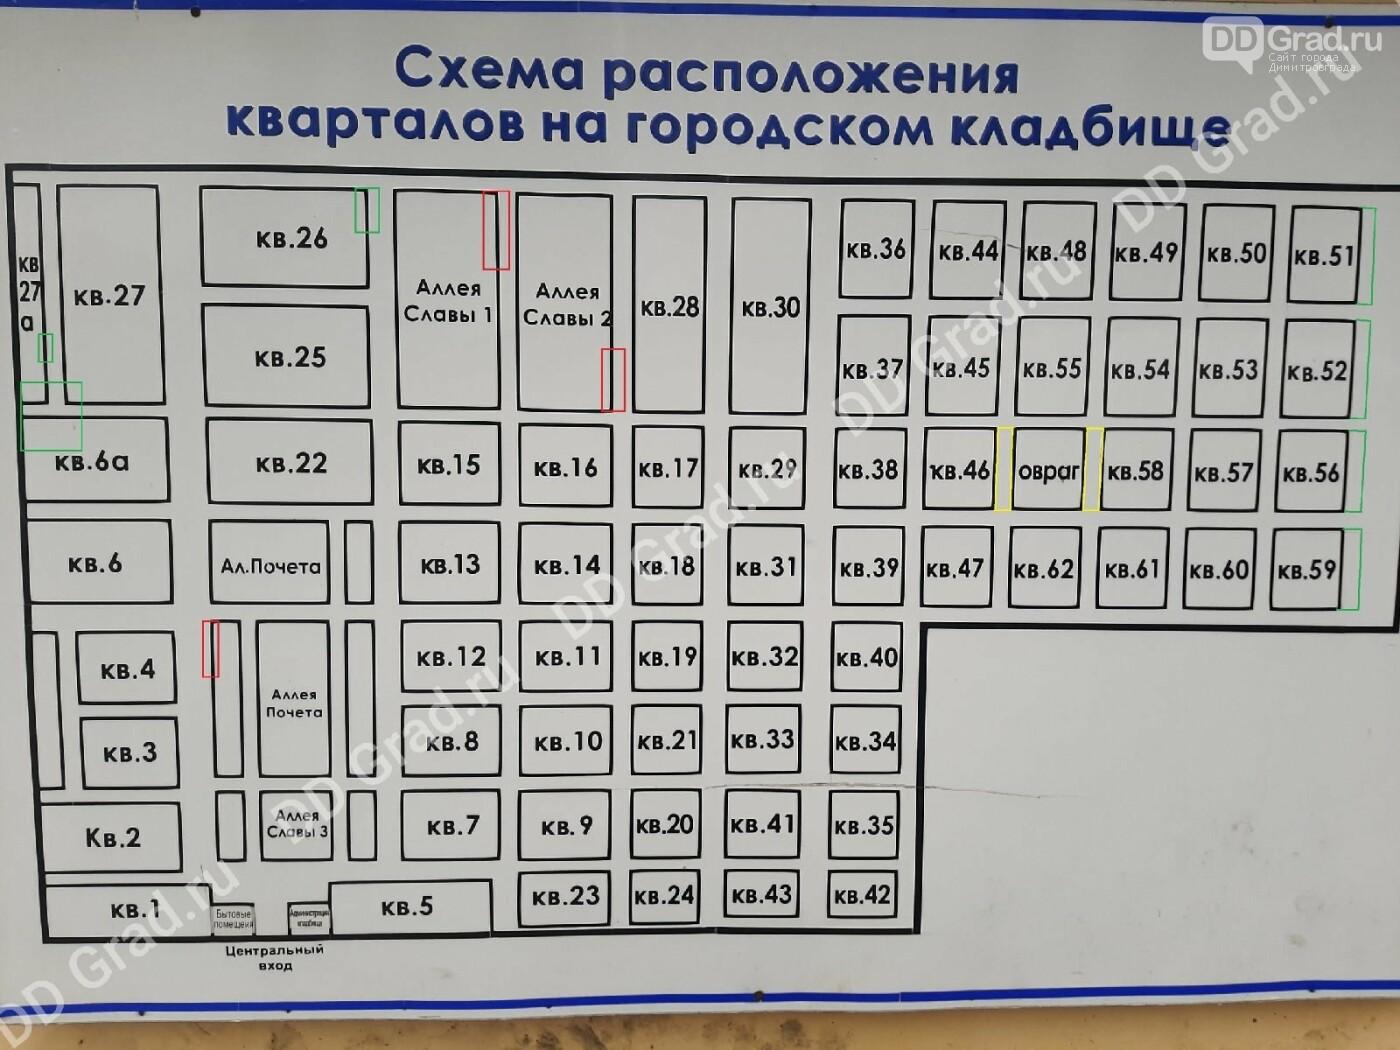 В Димитровграде будут продолжать хоронить умерших на кладбище посёлка Дачный, фото-9